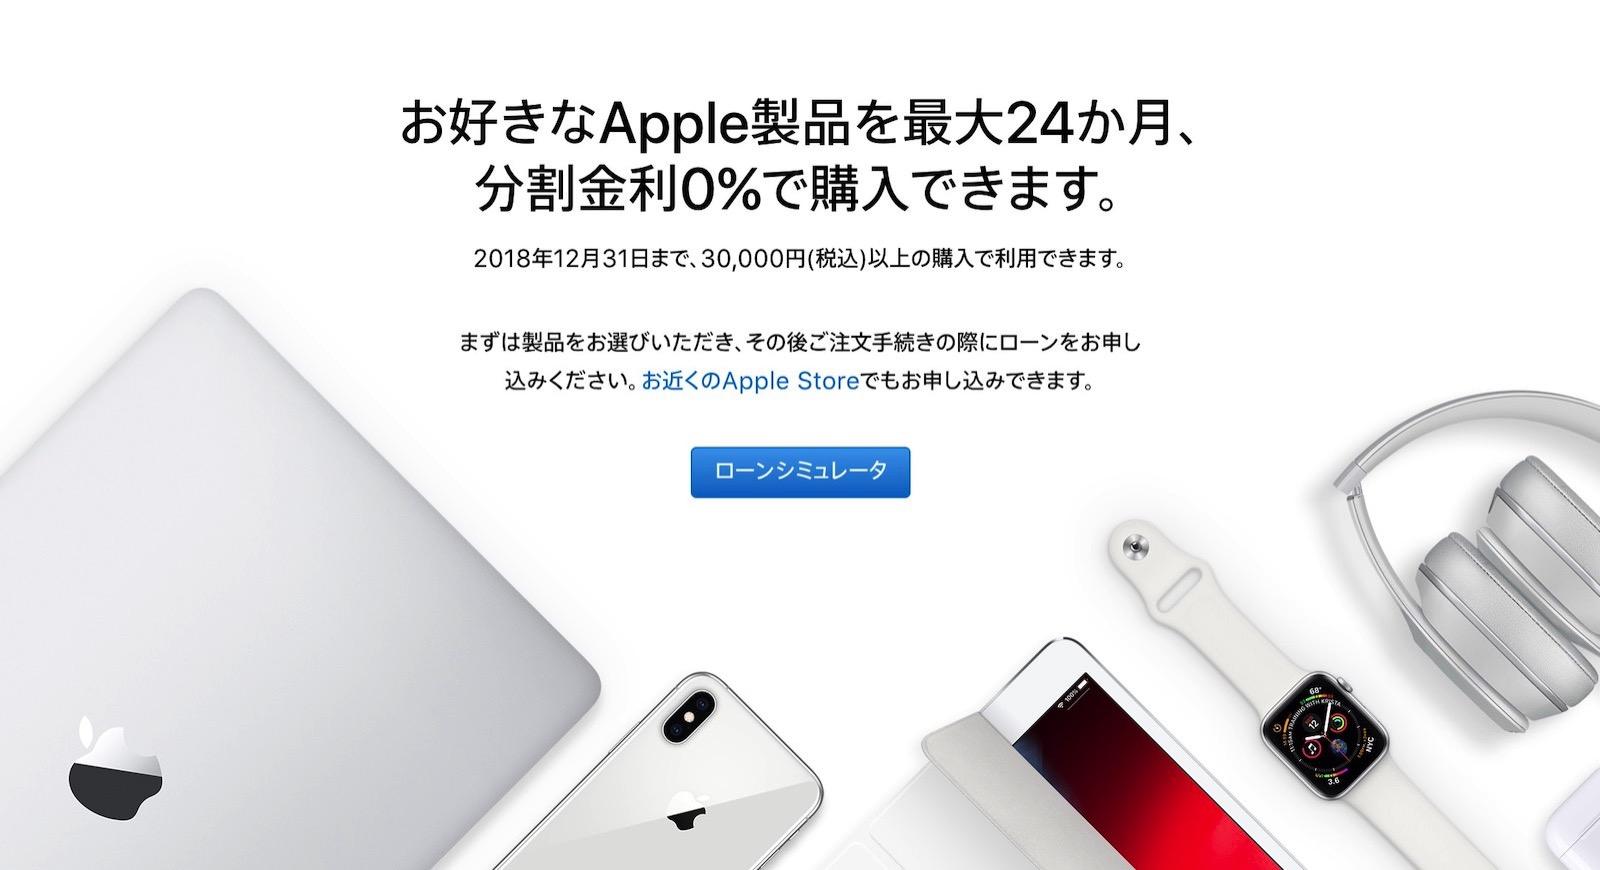 Apple Shopping Loan